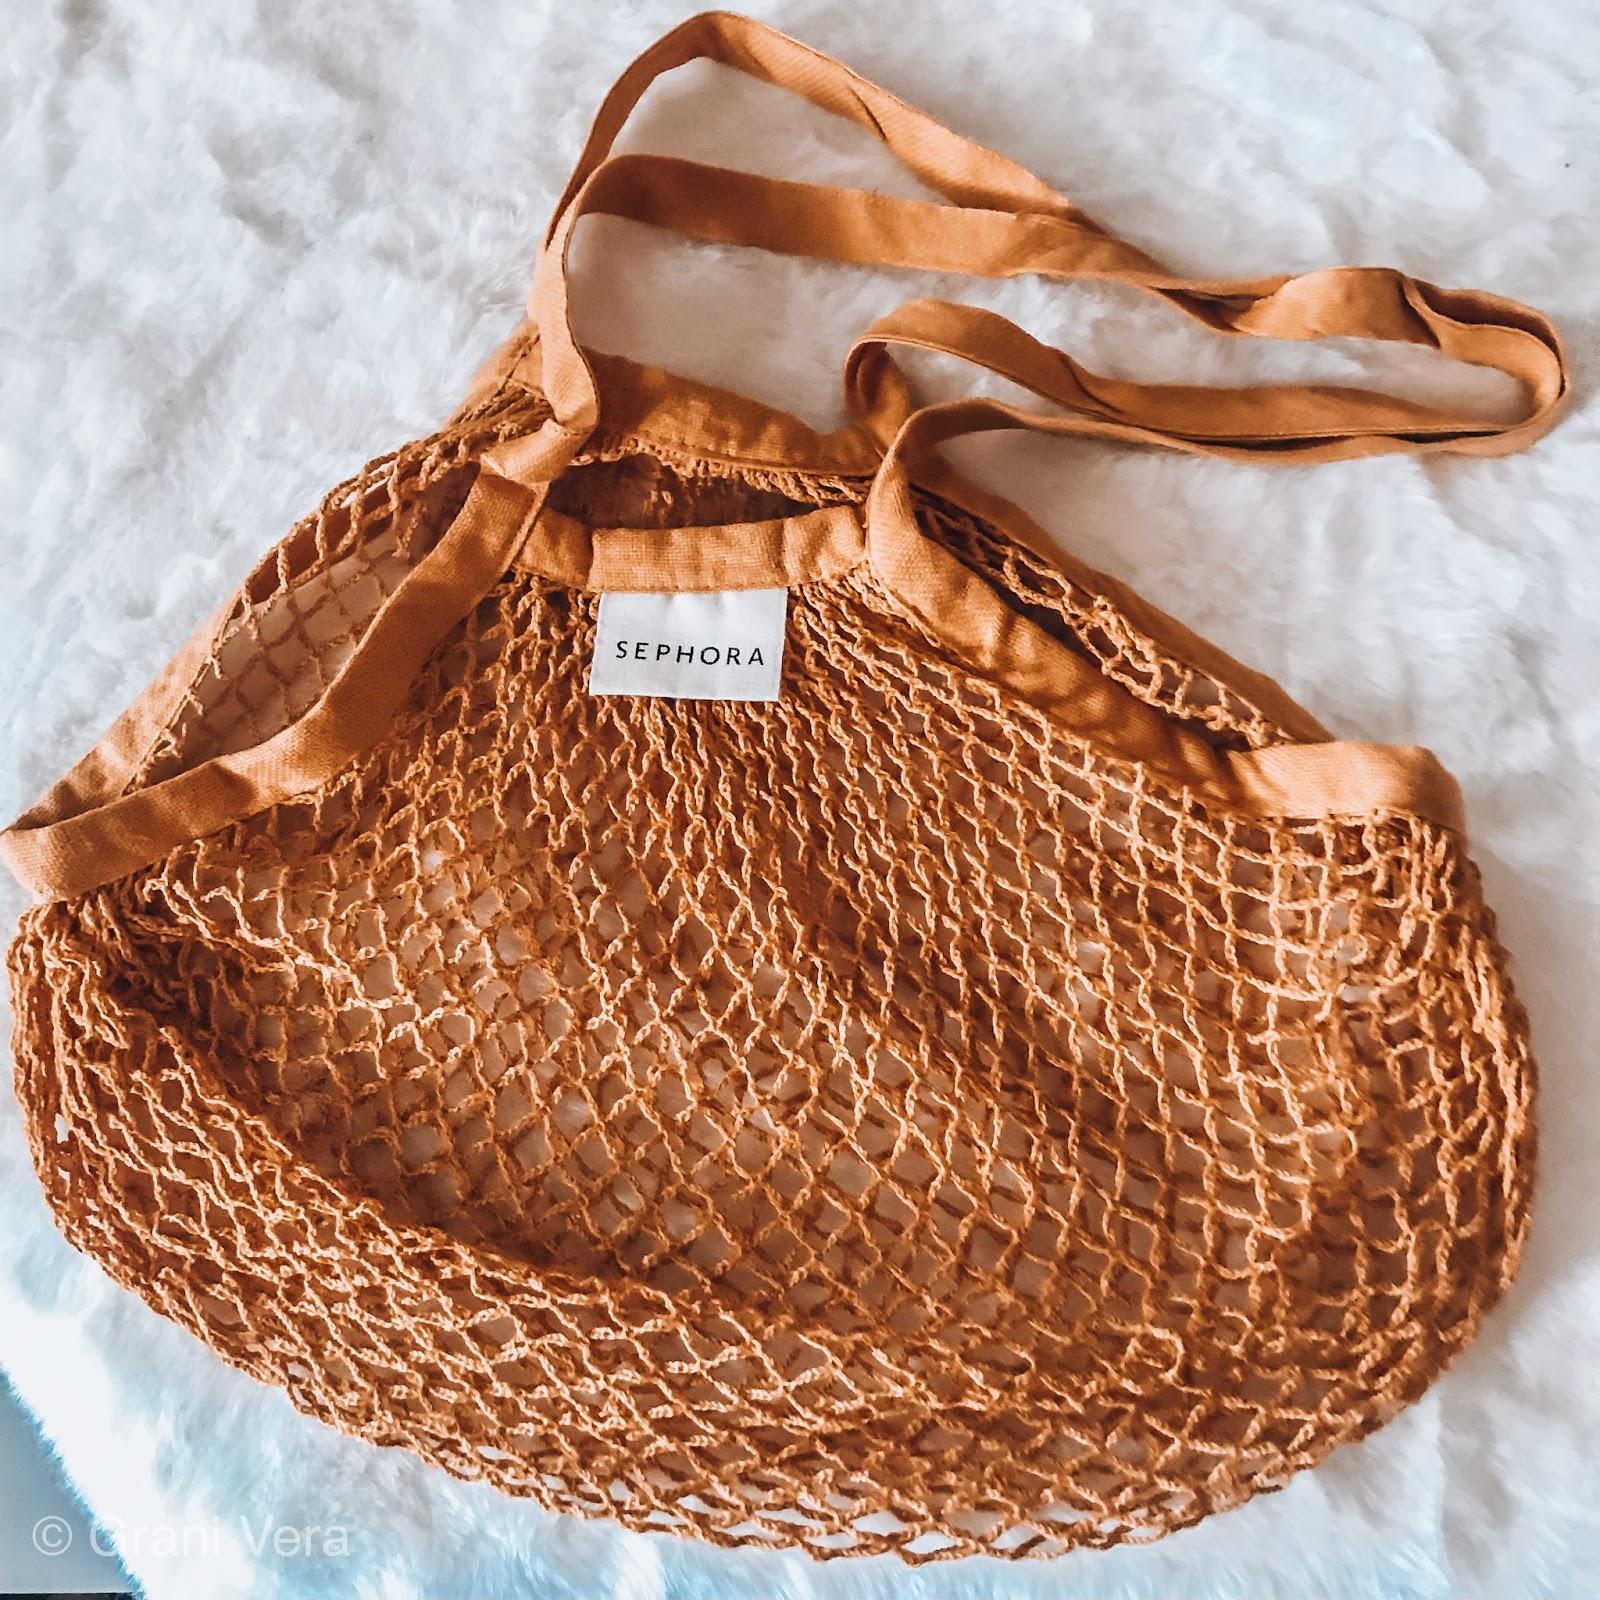 torba siatkowa na zakupy z Sephory